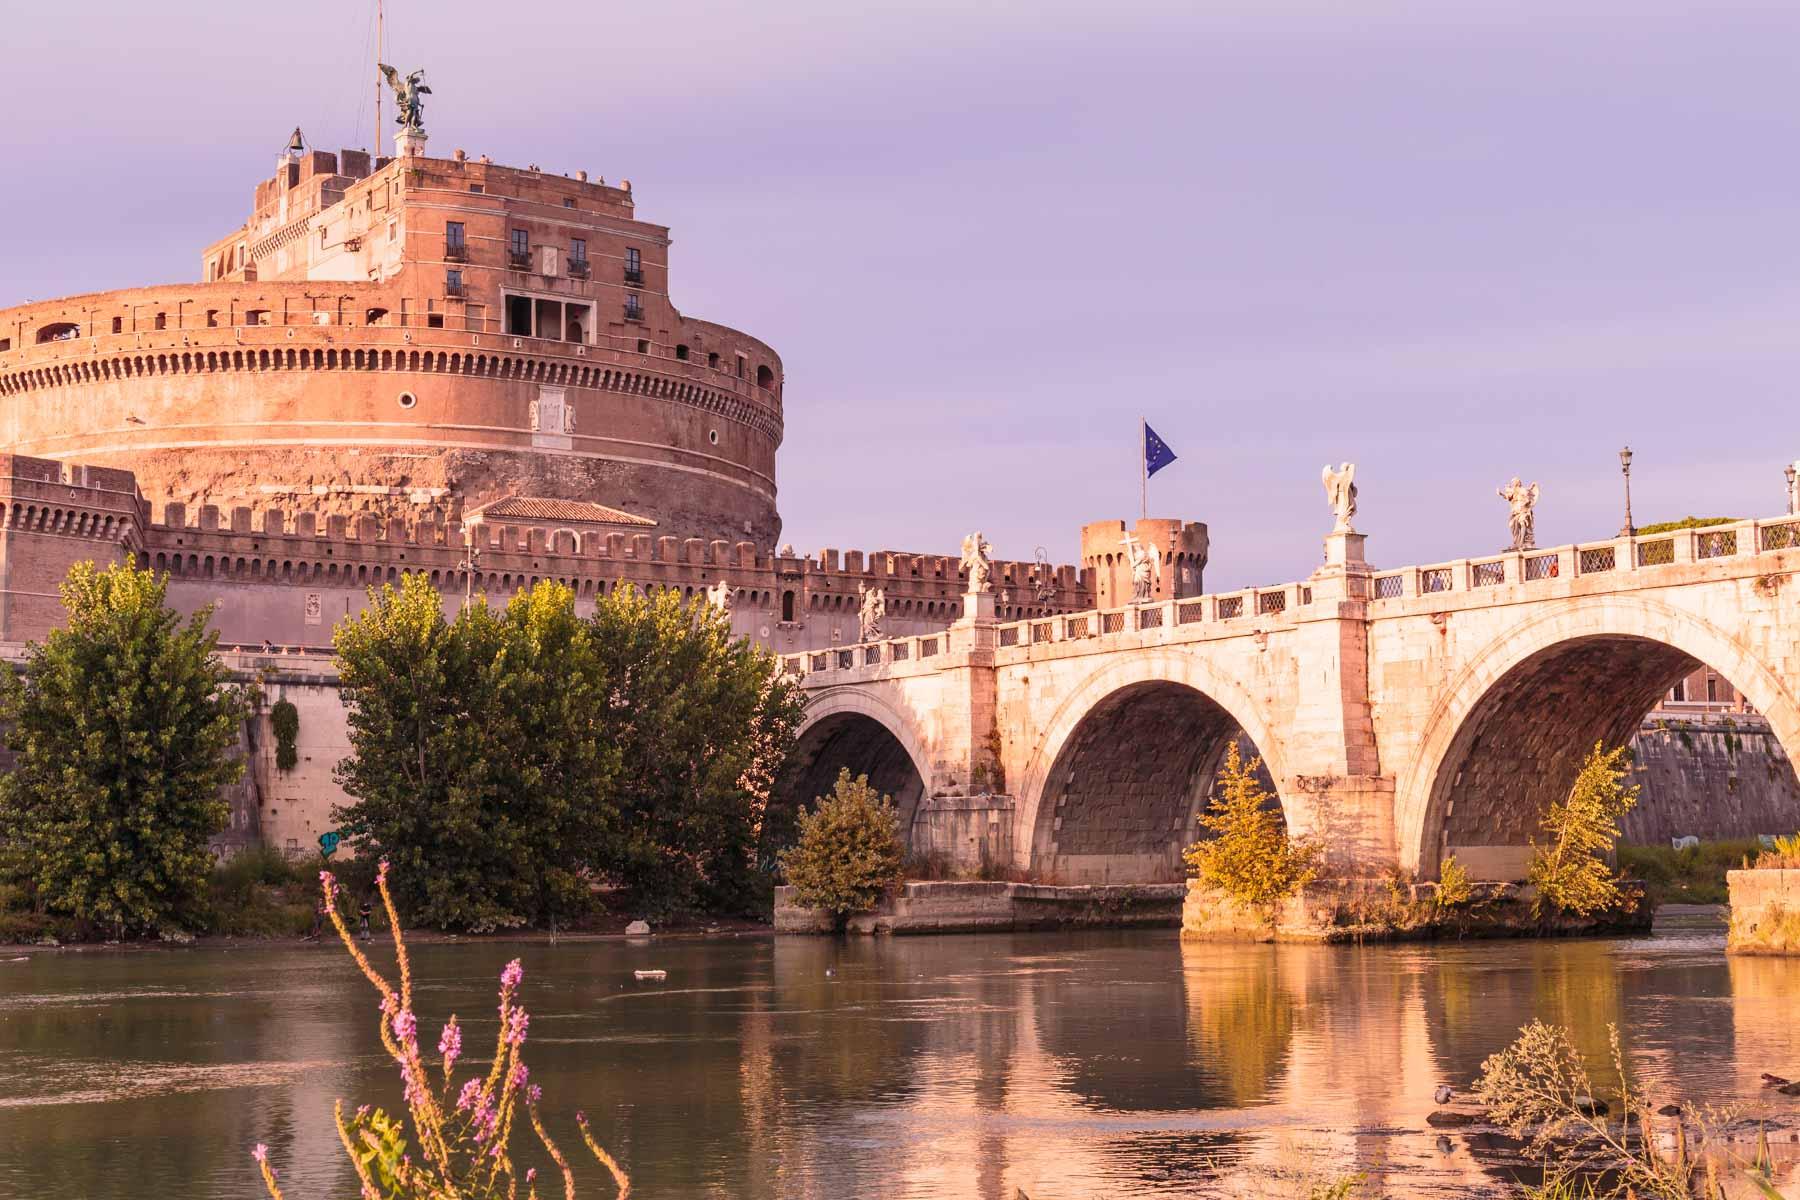 #iorestoacasa ed esploro: visitare Roma grazie a musei e tour virtuali